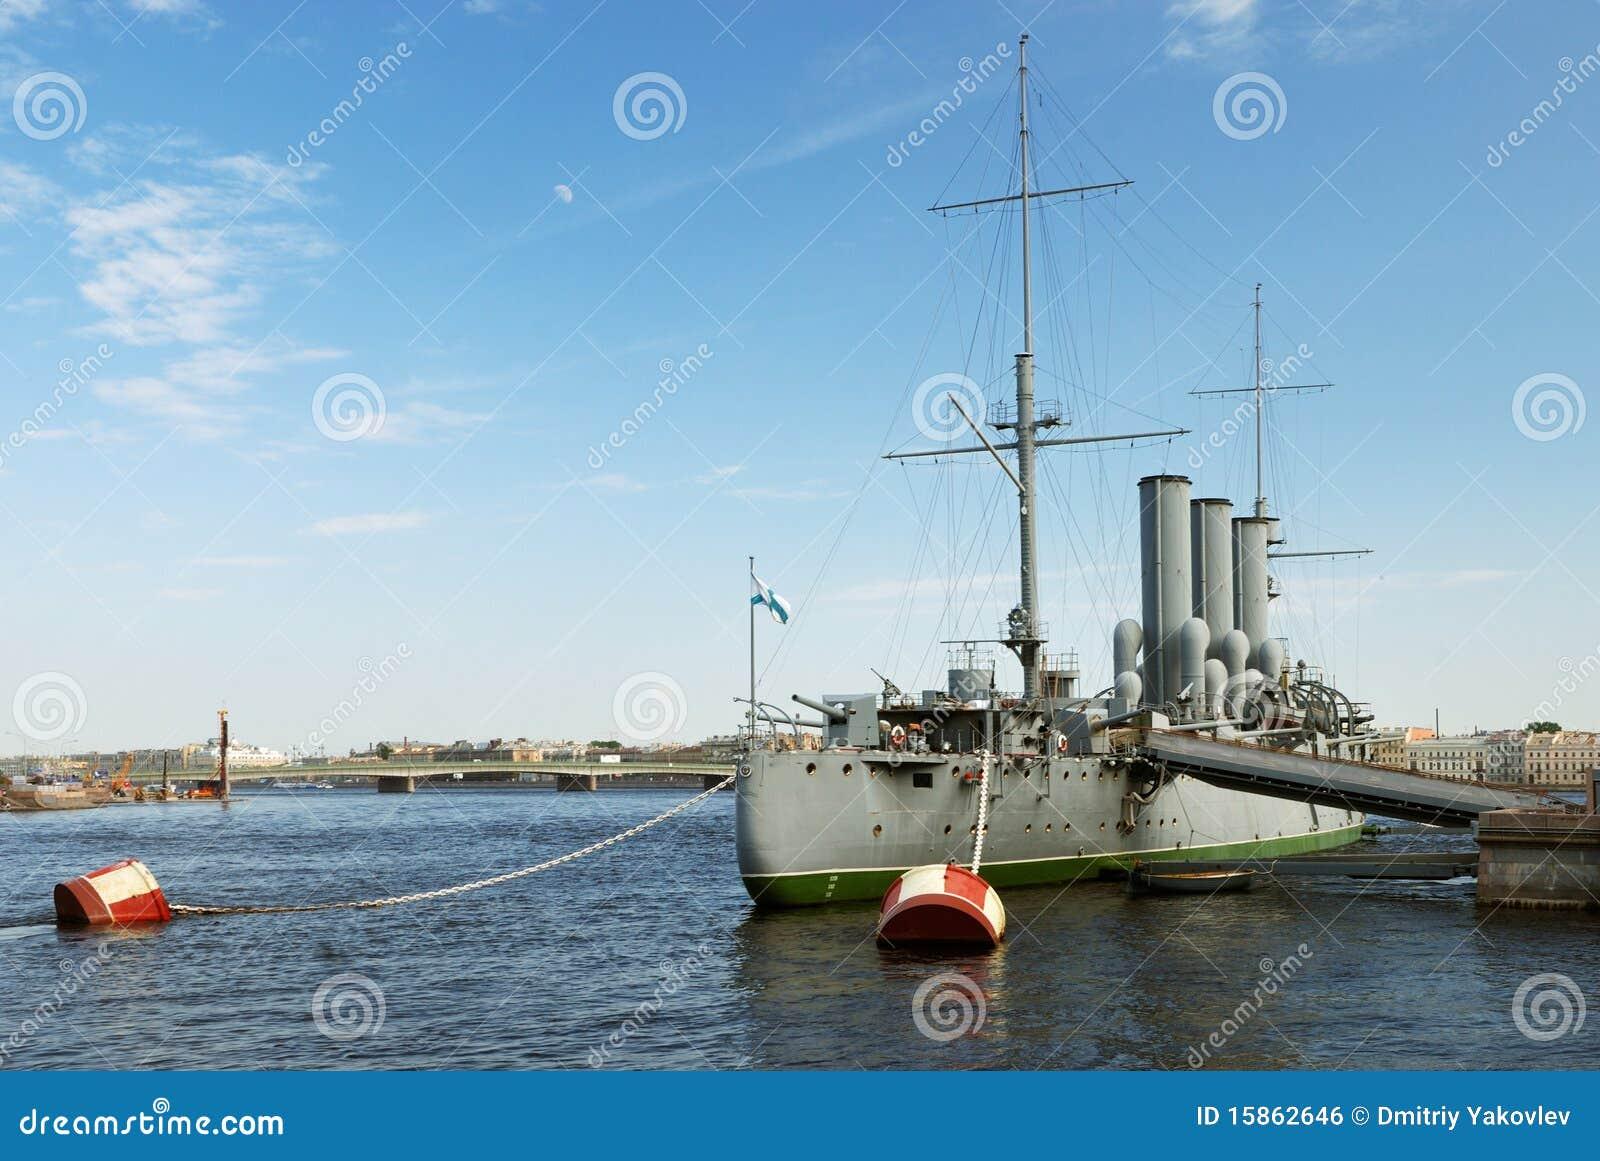 Aurora cruiser in Saint-Petersburg